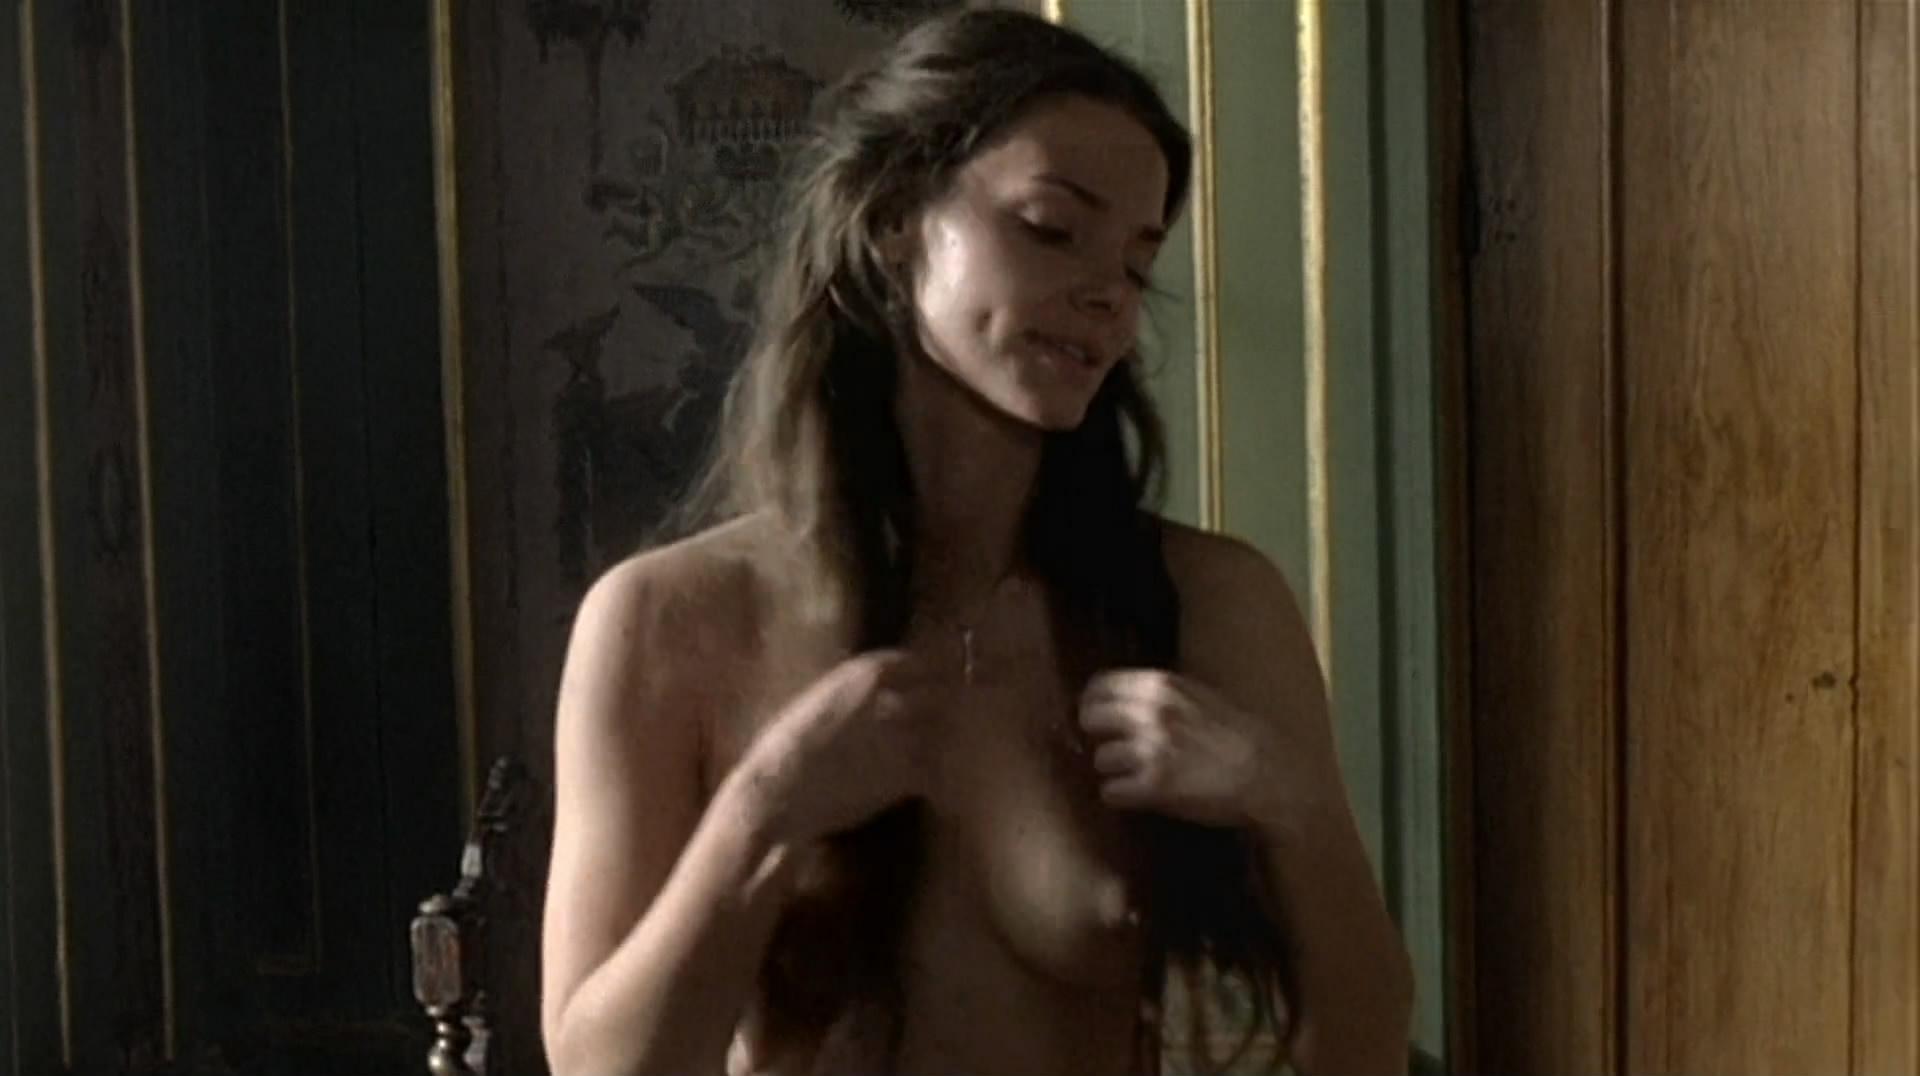 boyarskaya-v-eroticheskih-stsenah